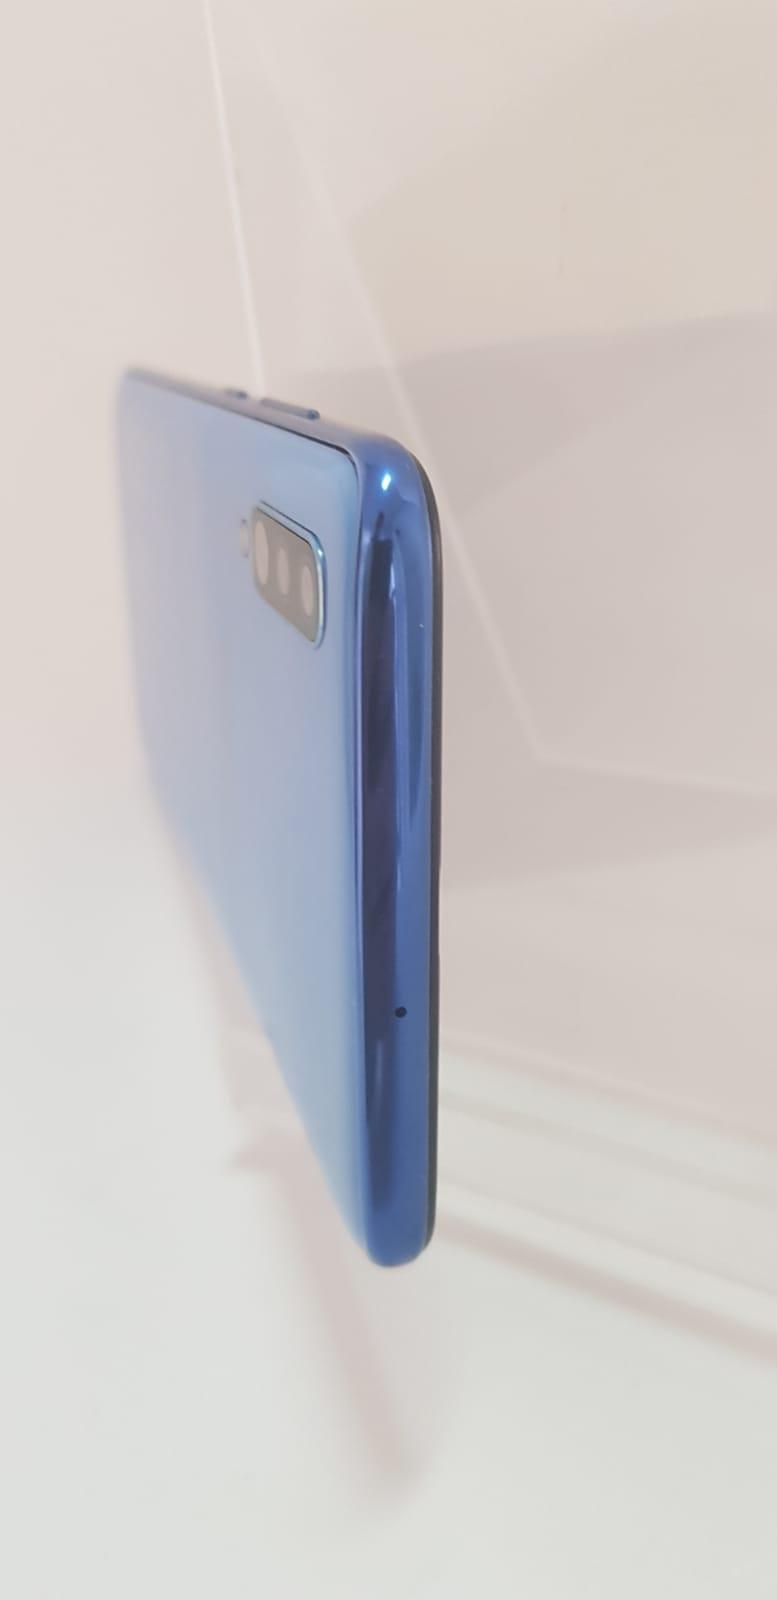 Samsung Galaxy A70 #4